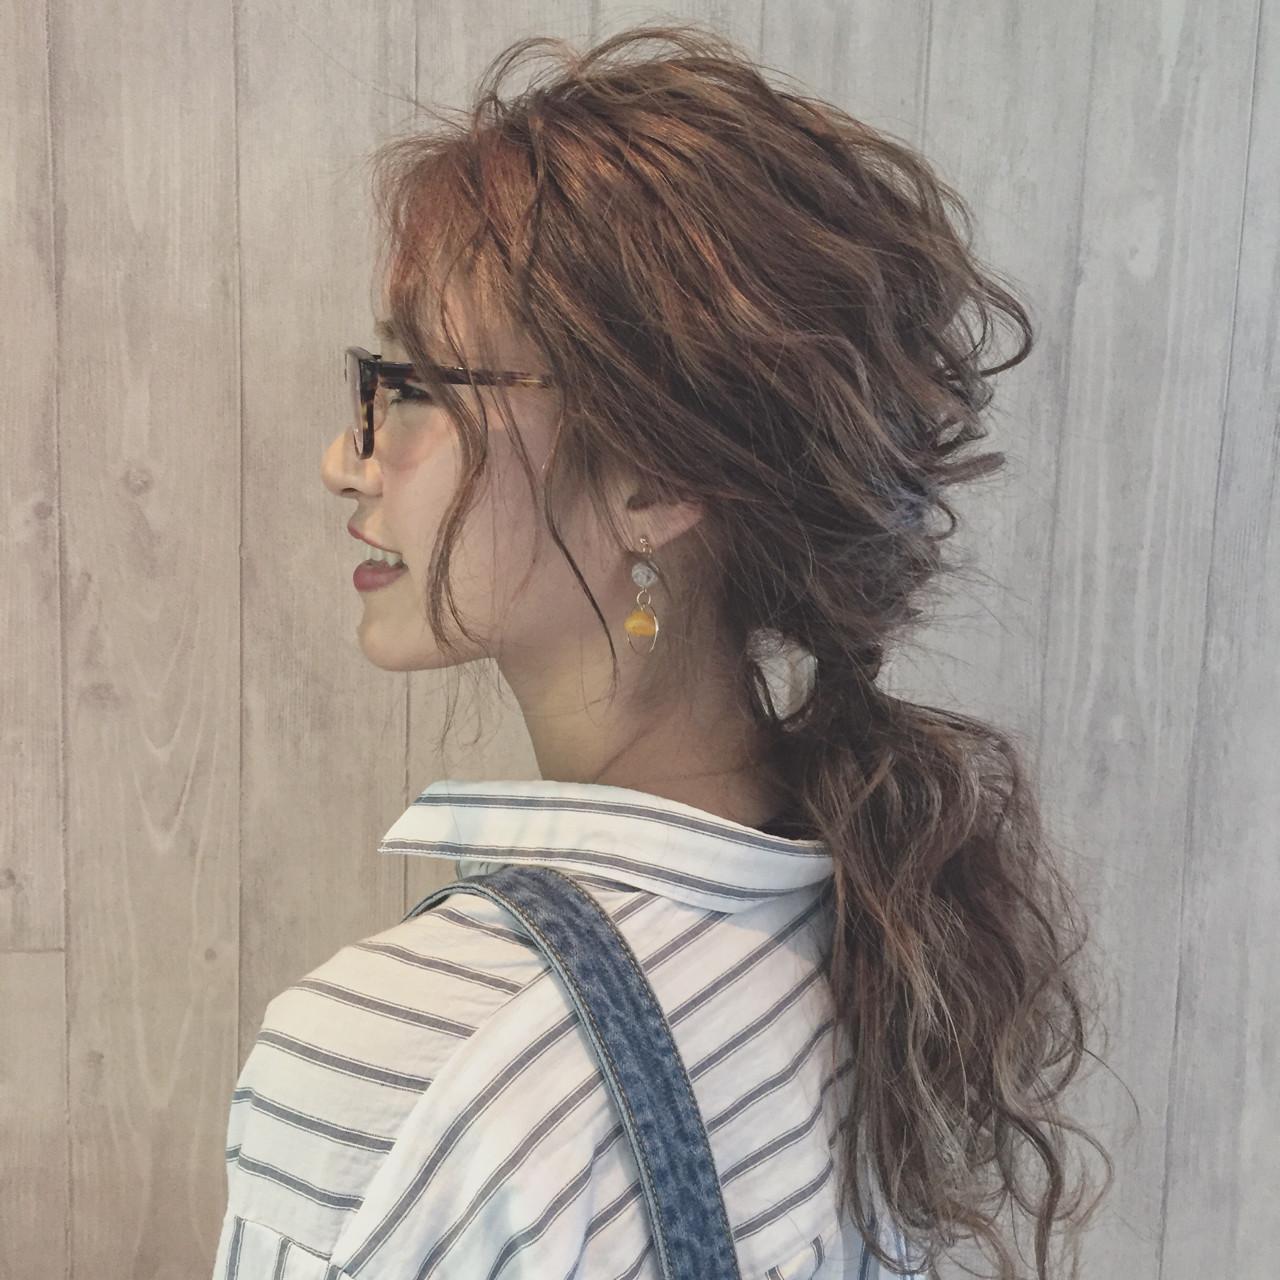 ふわふわ ガーリー ヘアアレンジ ポニーテール ヘアスタイルや髪型の写真・画像